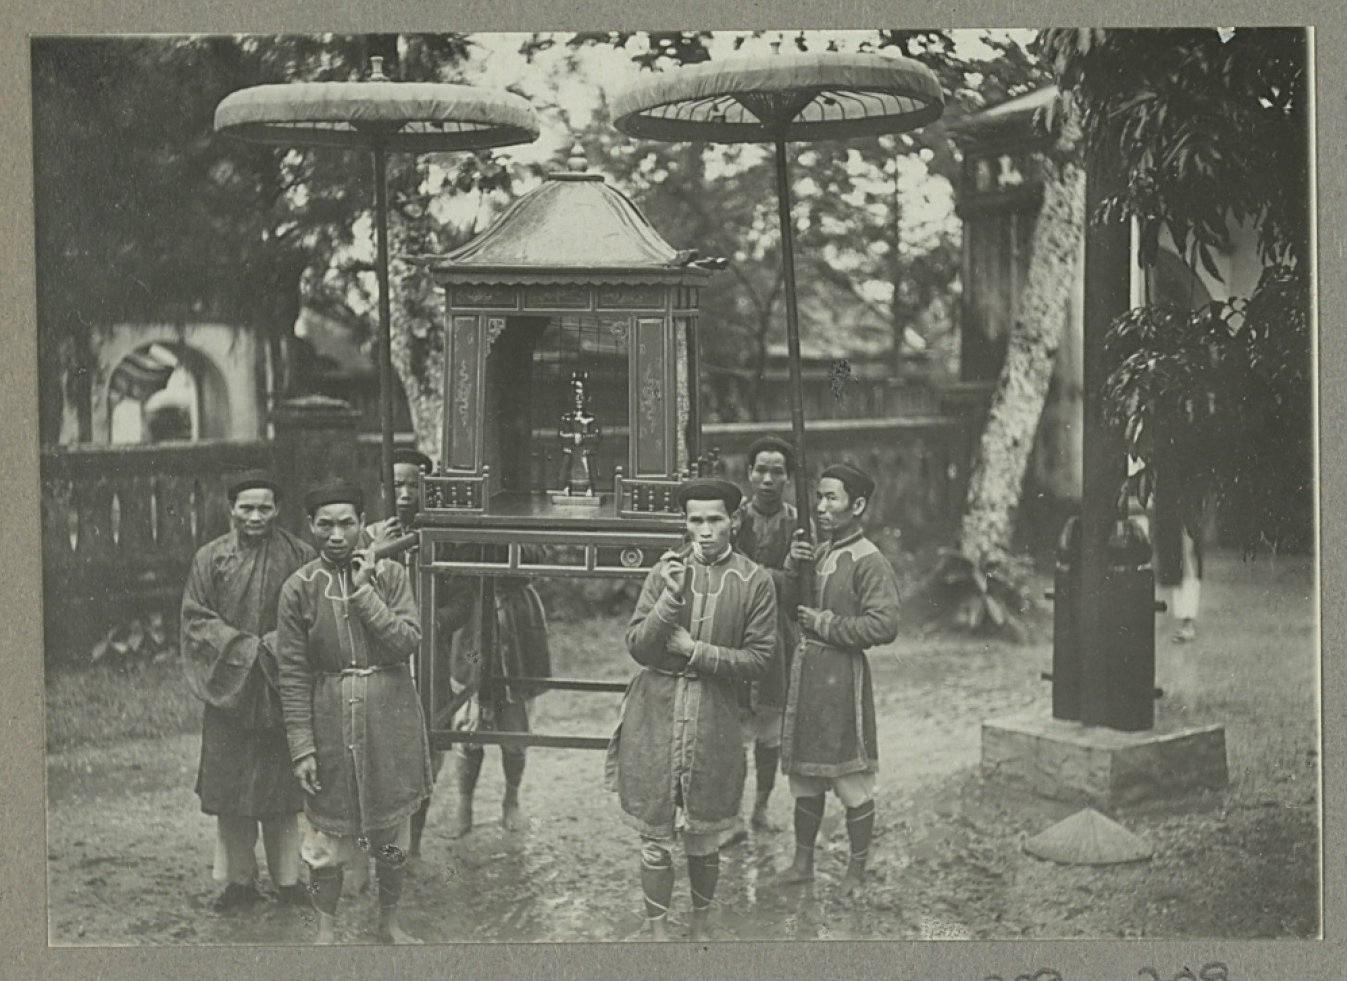 Nghi lễ tế trời đất tại đàn Nam Giao của các vua triều Nguyễn - Ảnh 7.